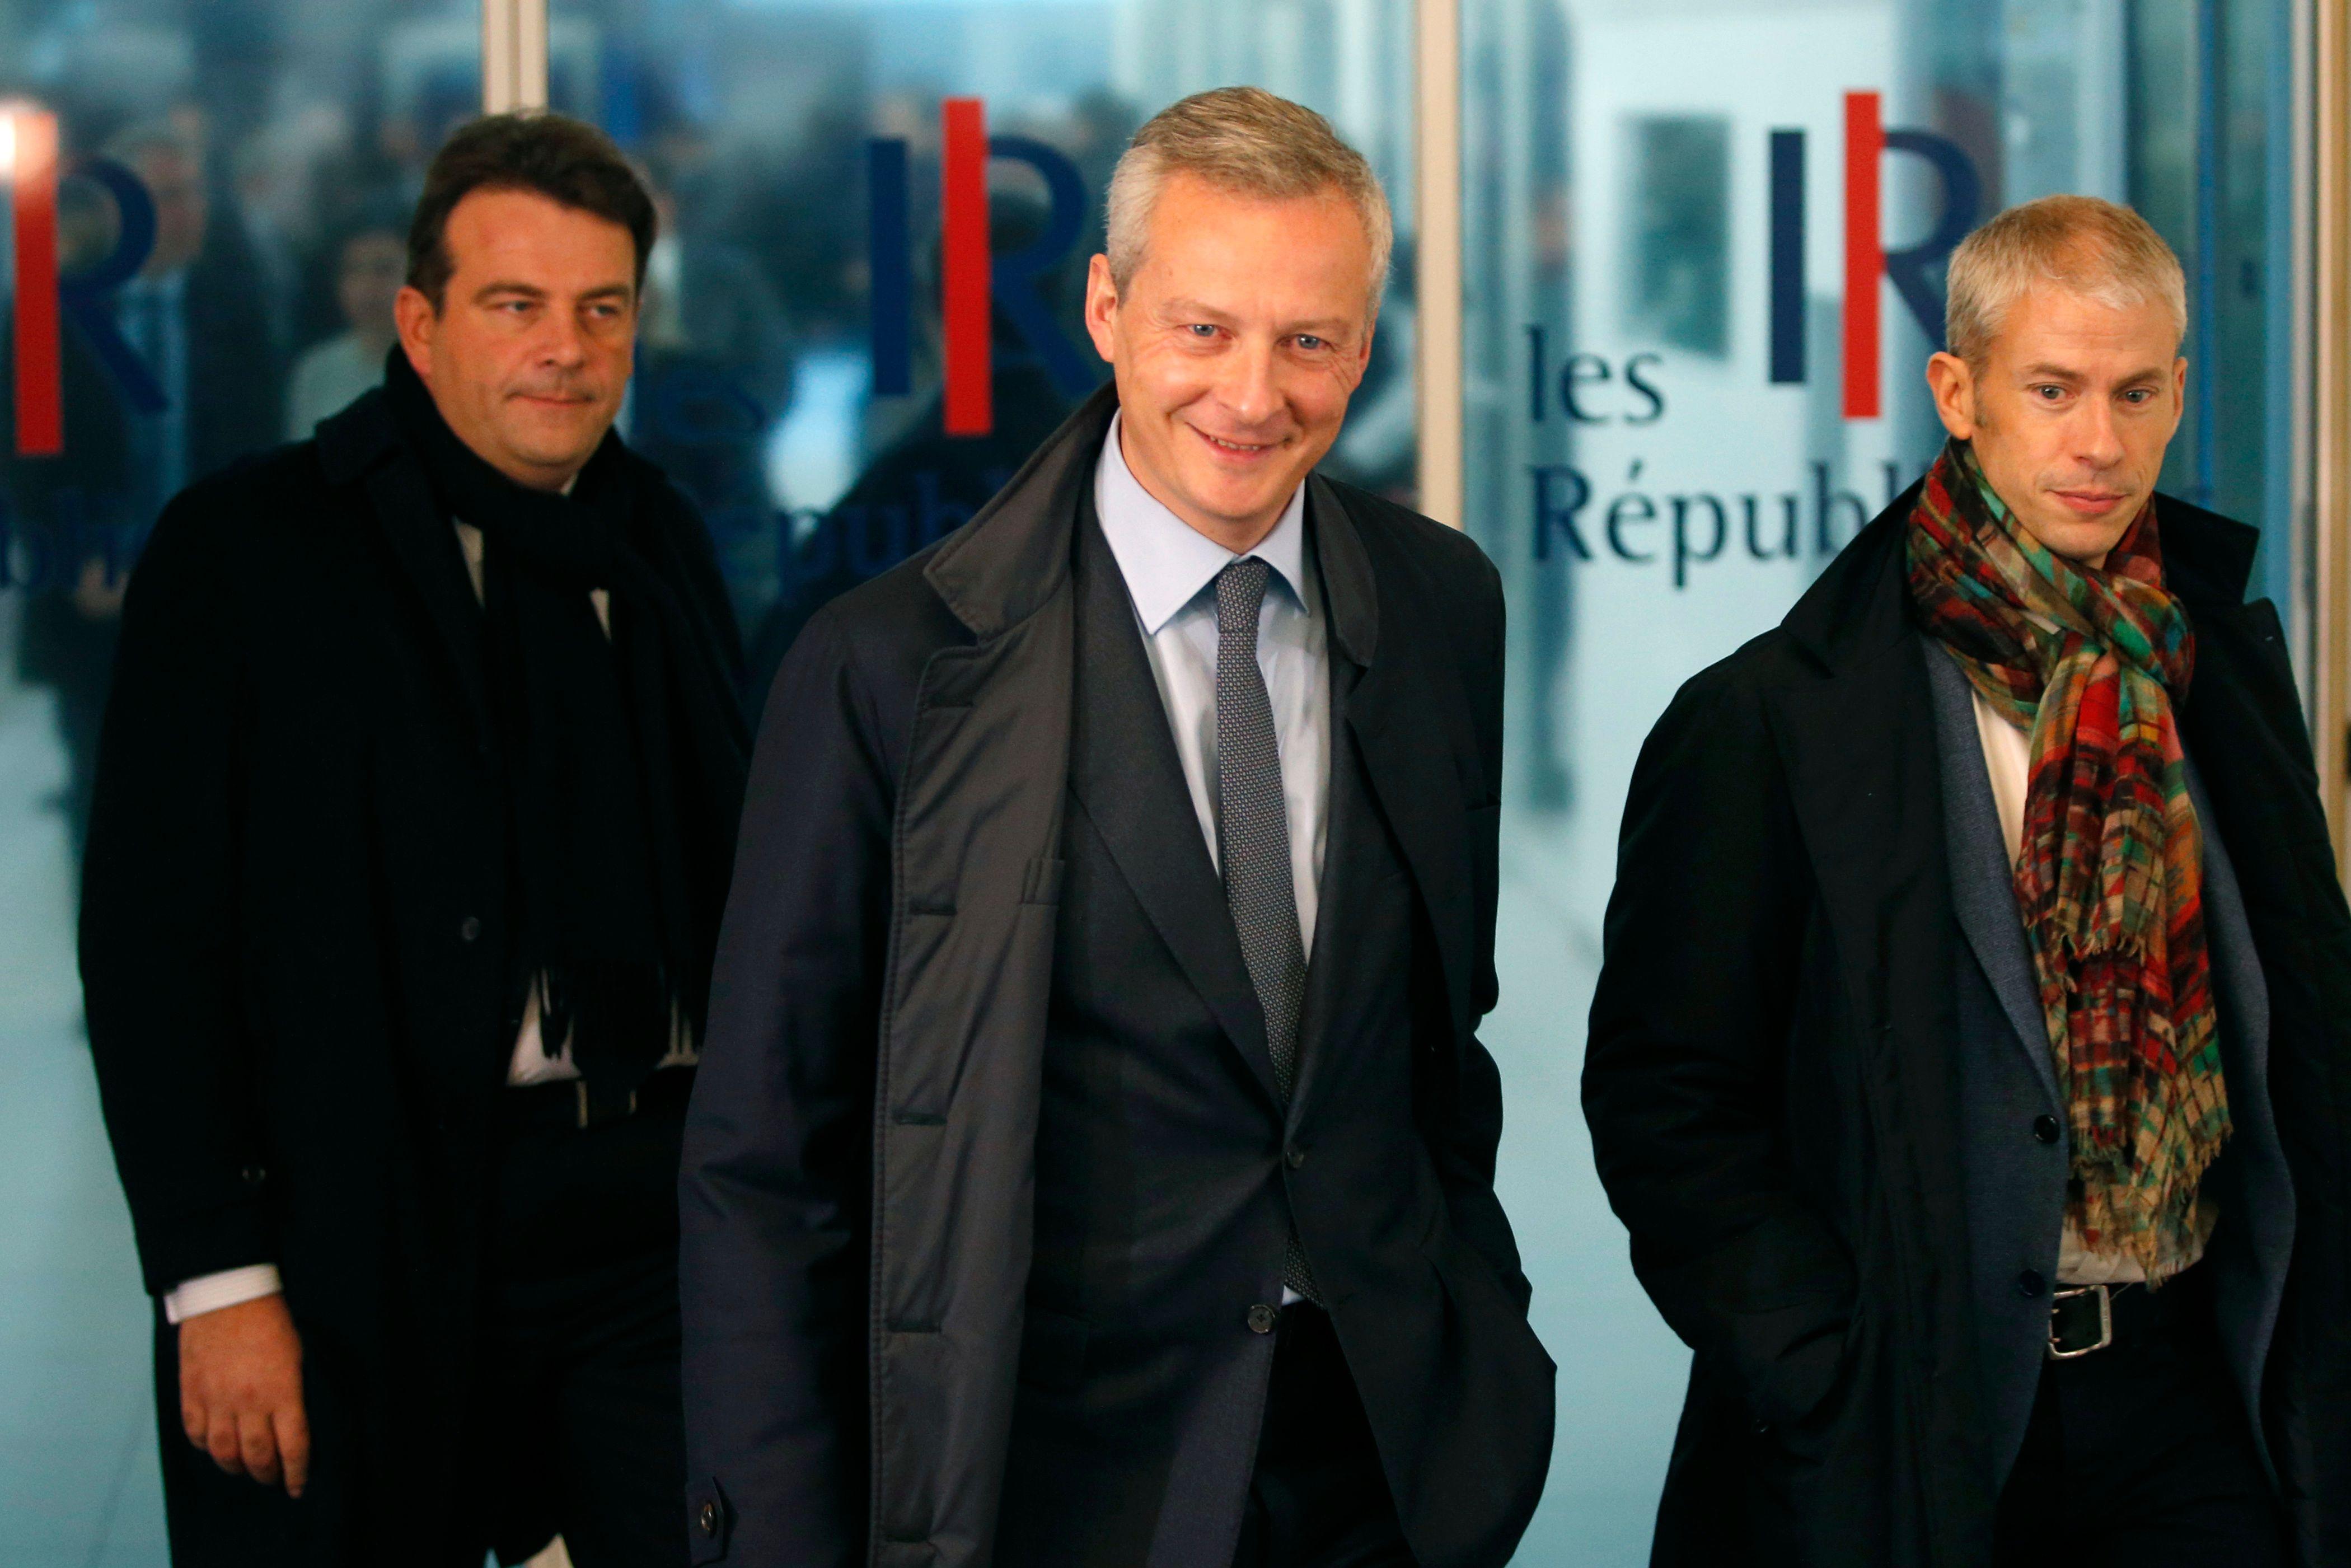 Pourquoi Bruno Le Maire boycottera le Conseil National des Républicains alors qu'Alain Juppé a annoncé, contre toute attente, qu'il y participerait